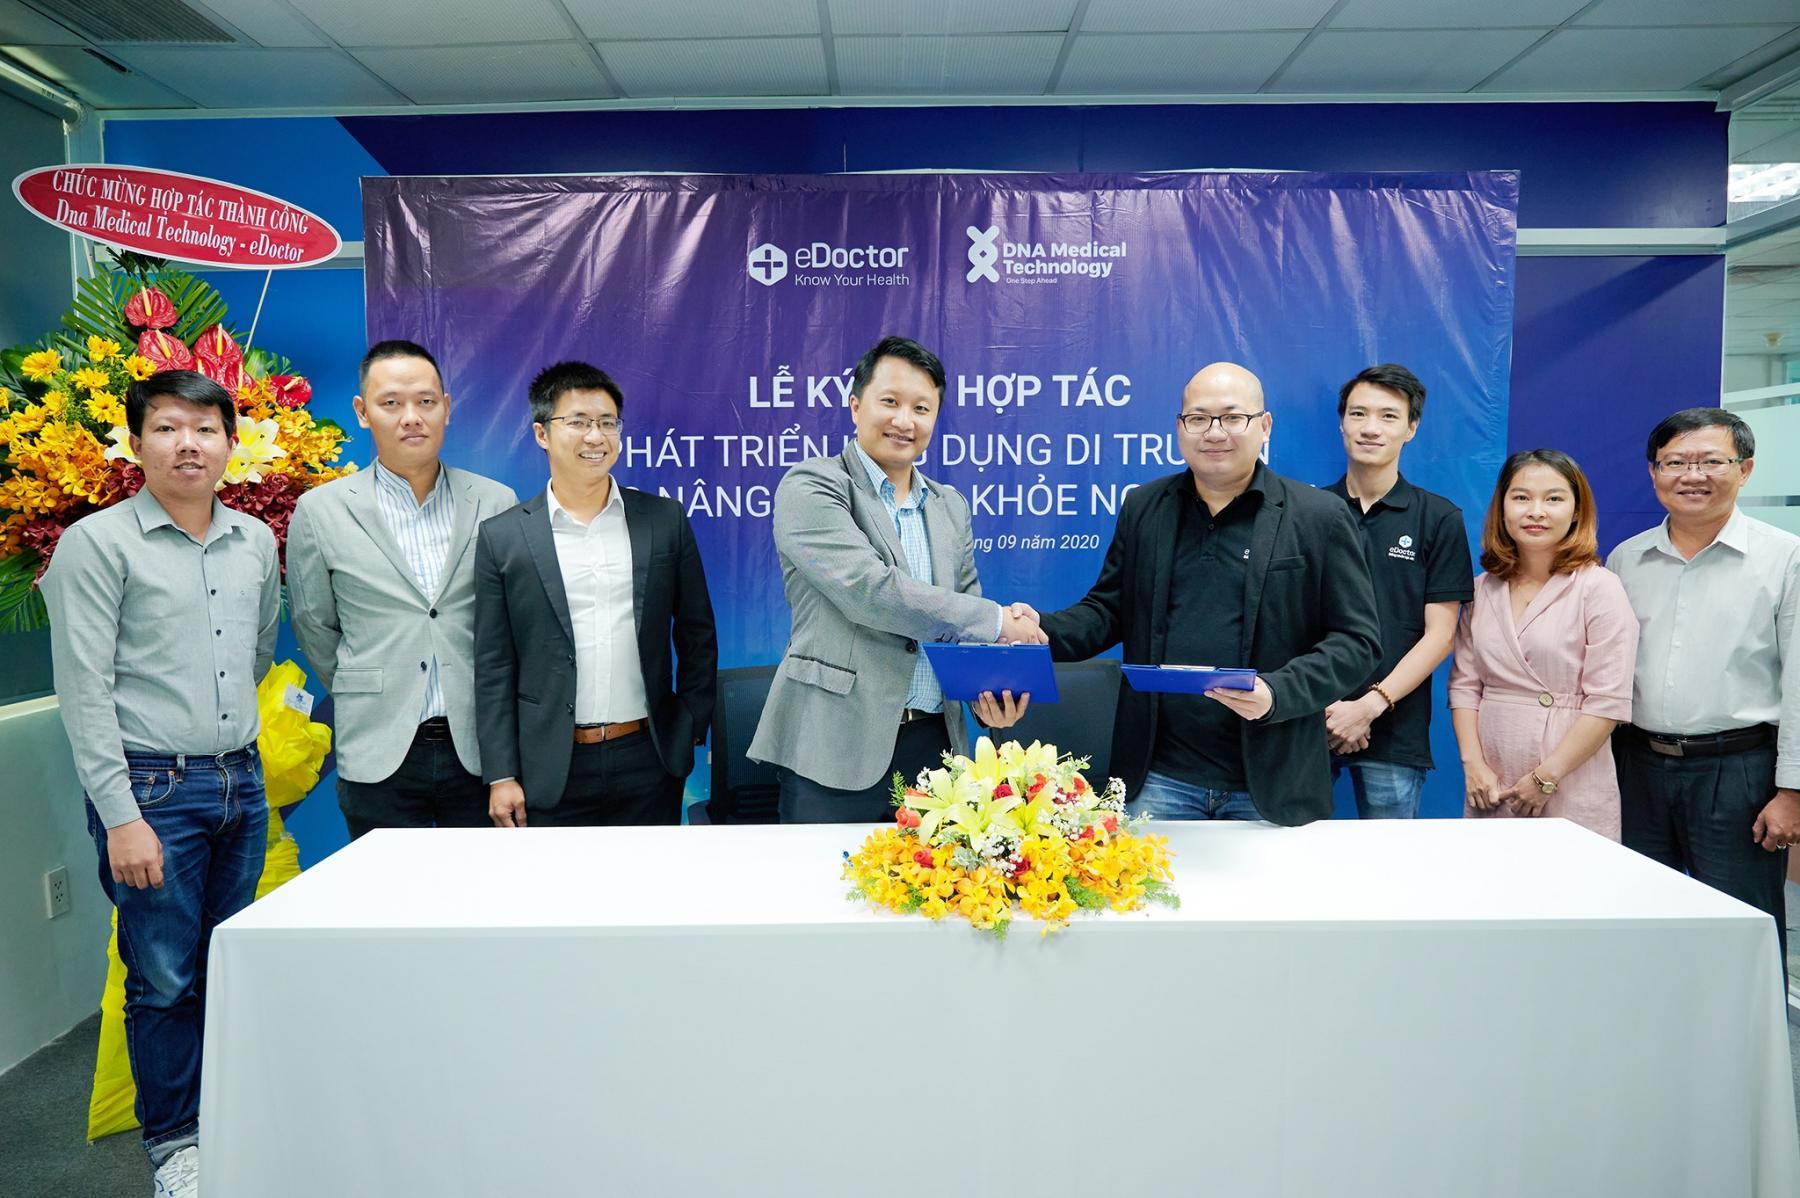 DNA Medical Technology và eDoctor ký kết hợp tác